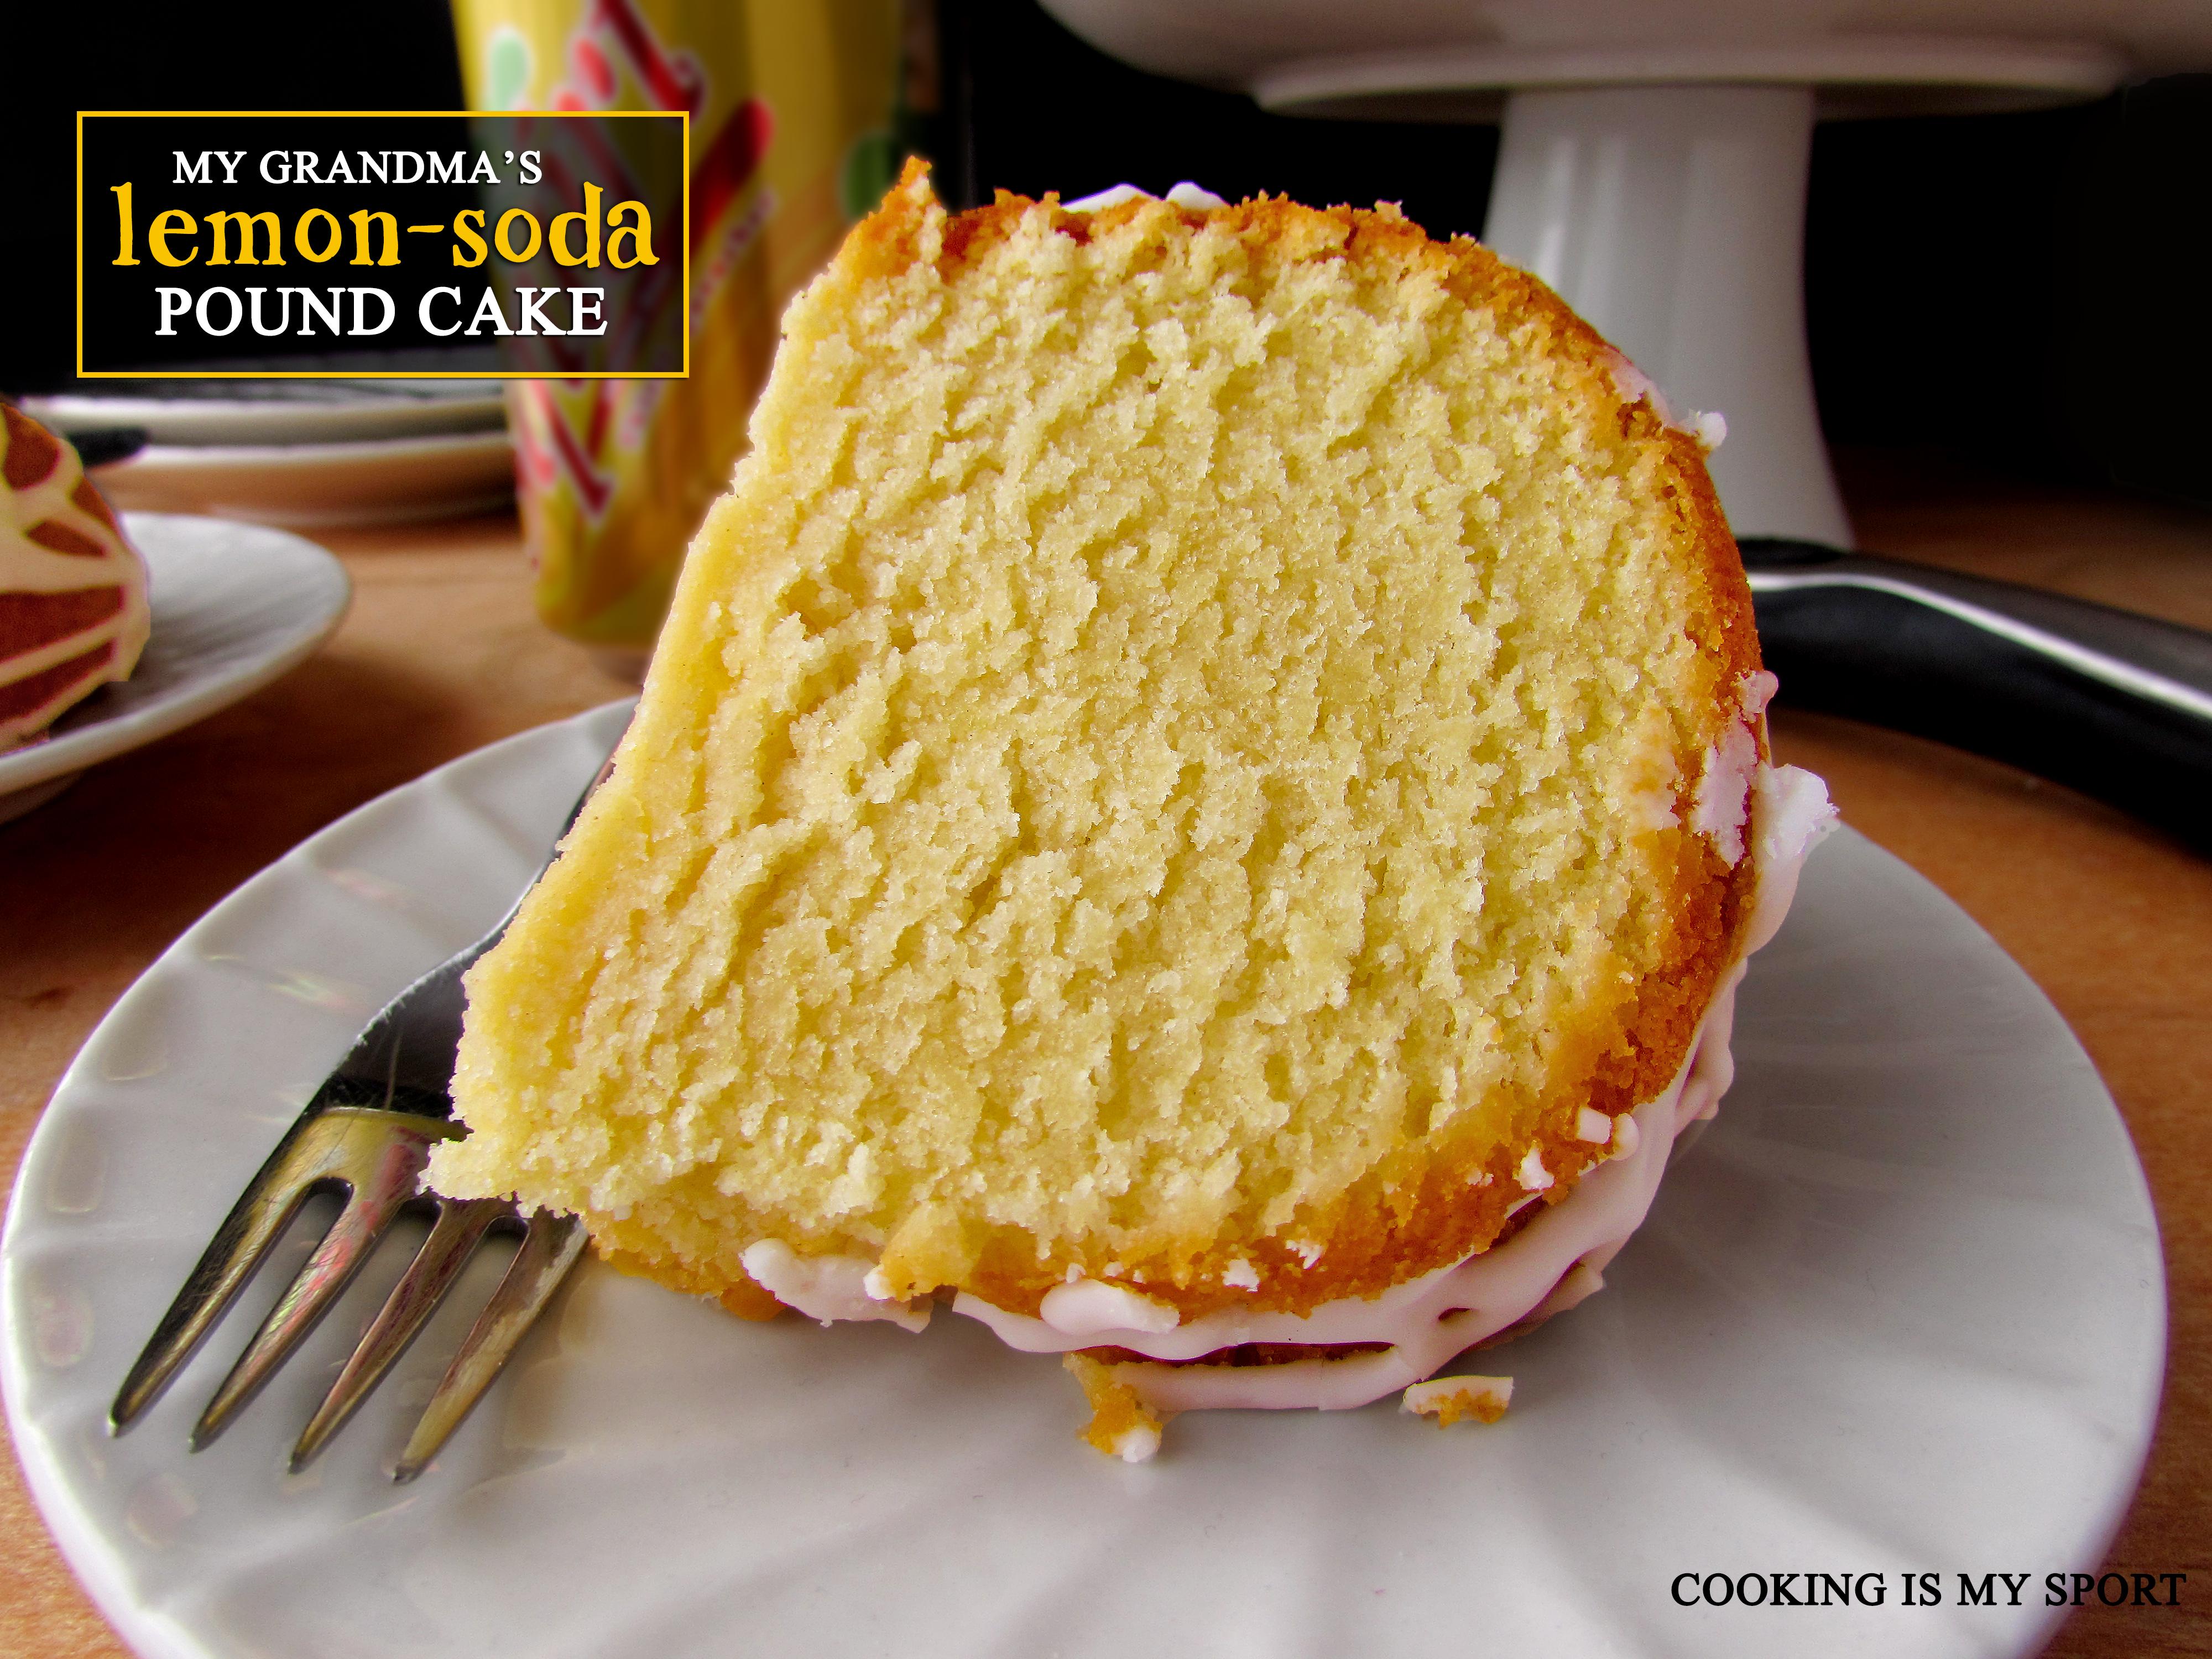 ... cake caramel date upside down cake grandmaas caramel cake grandmaas